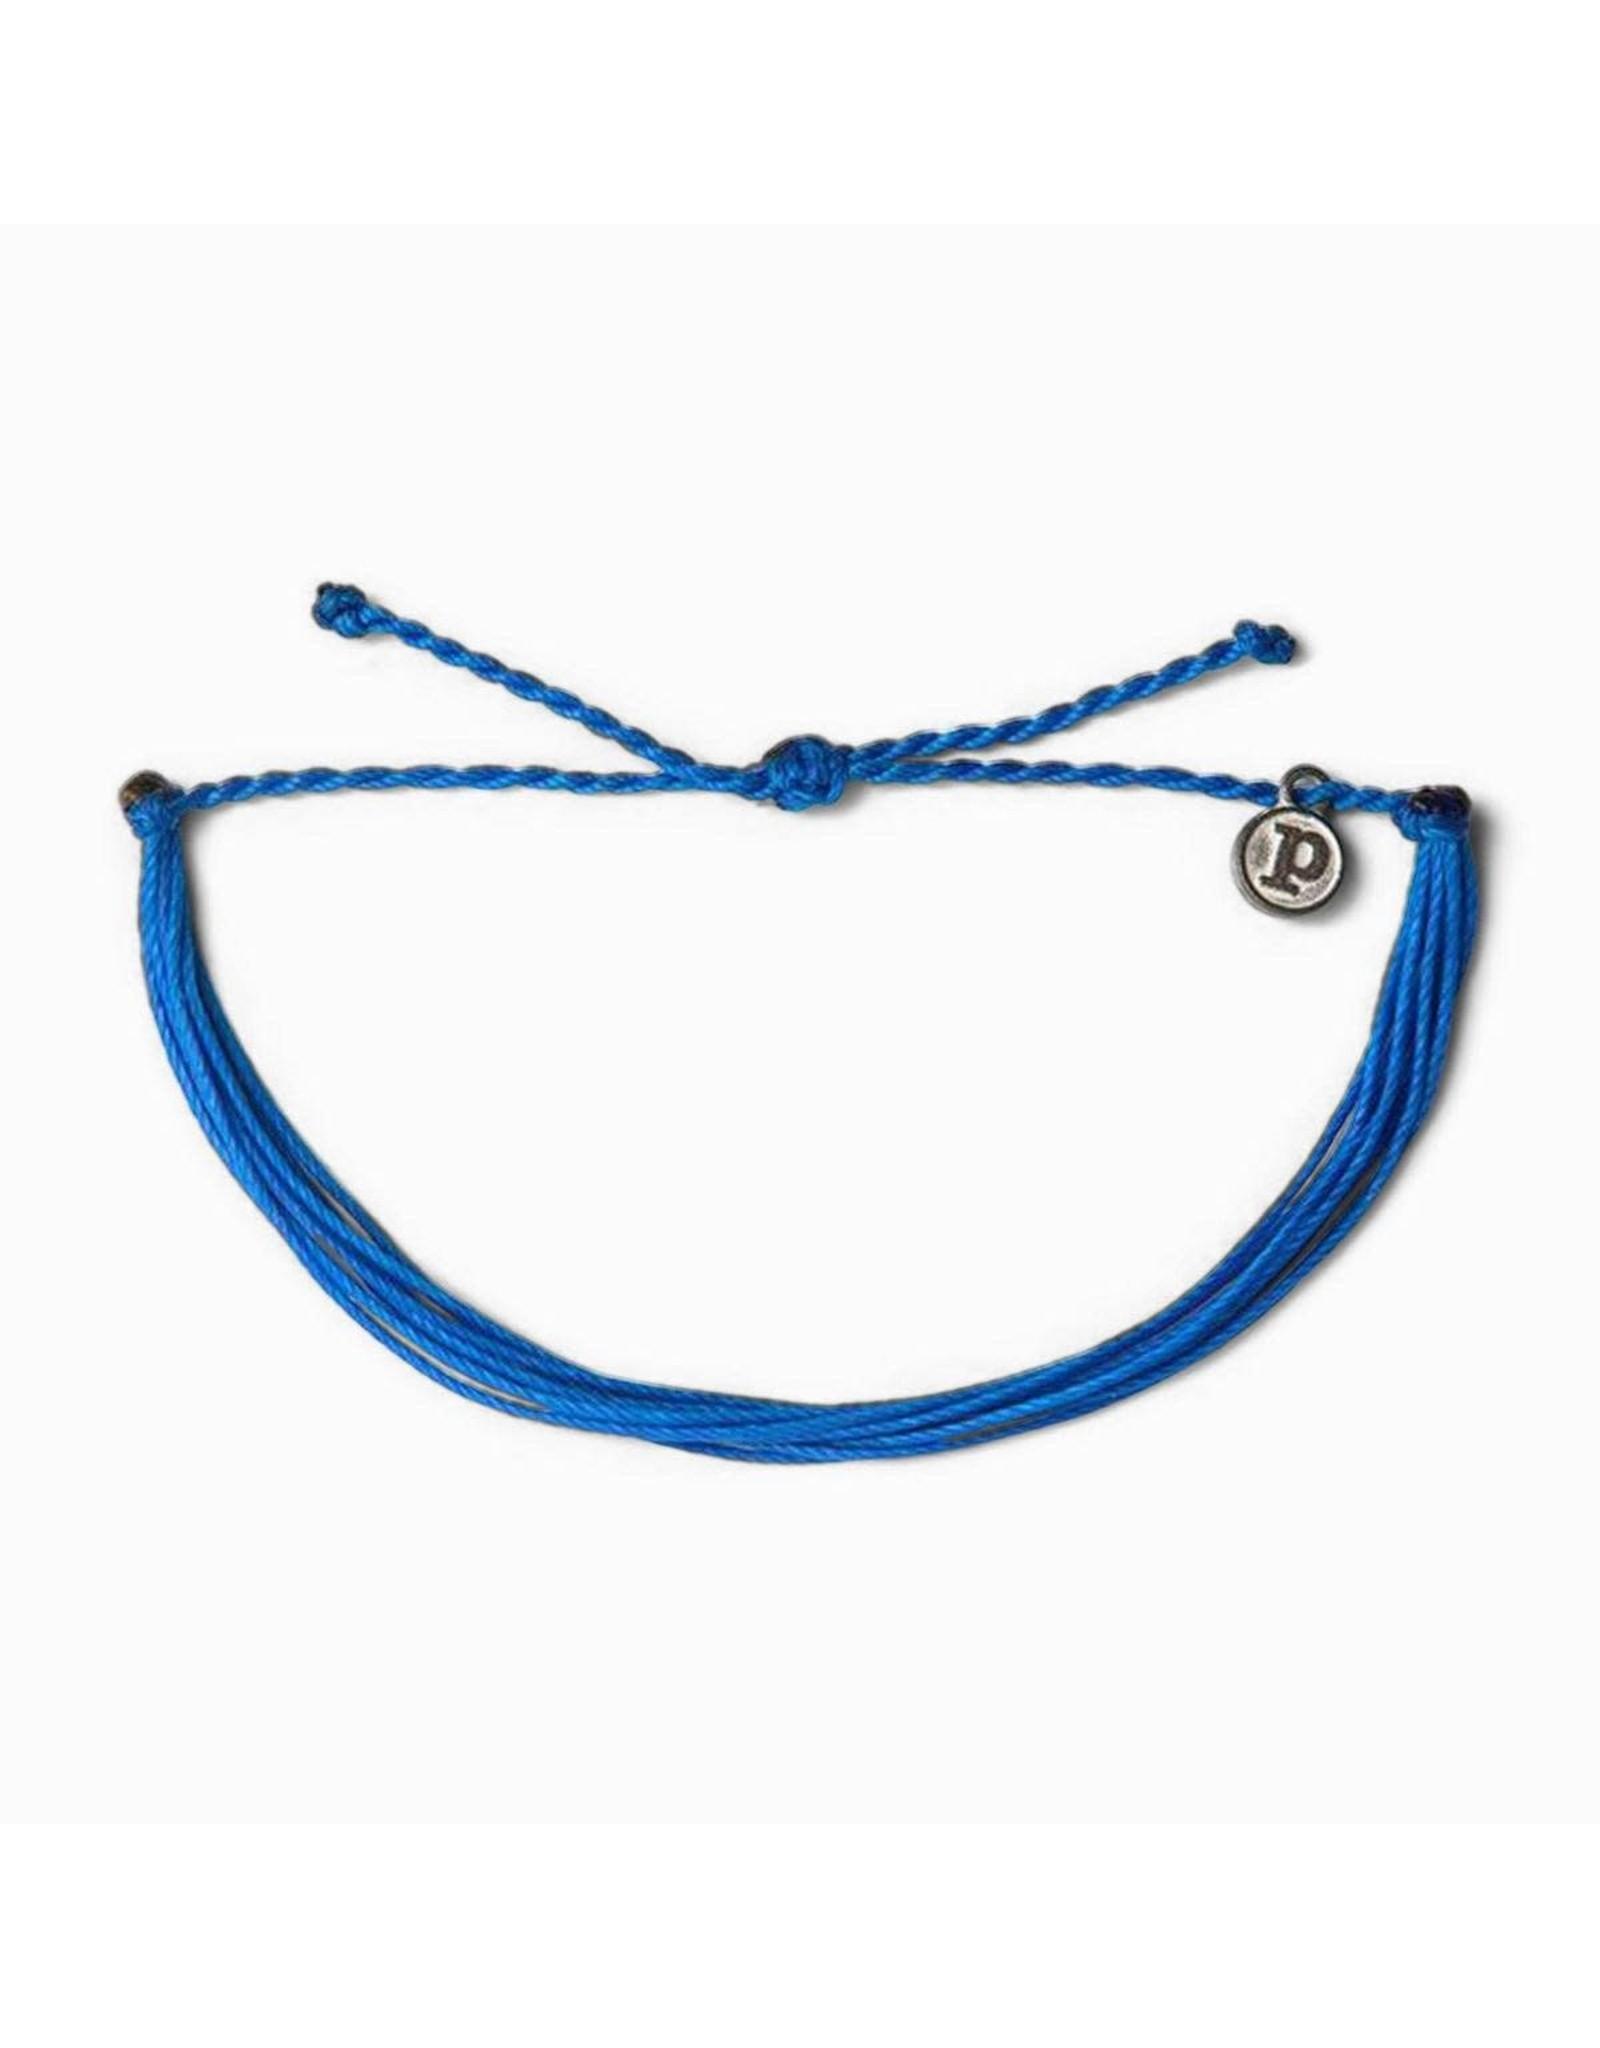 ORIGINAL Bracelet, BLUE